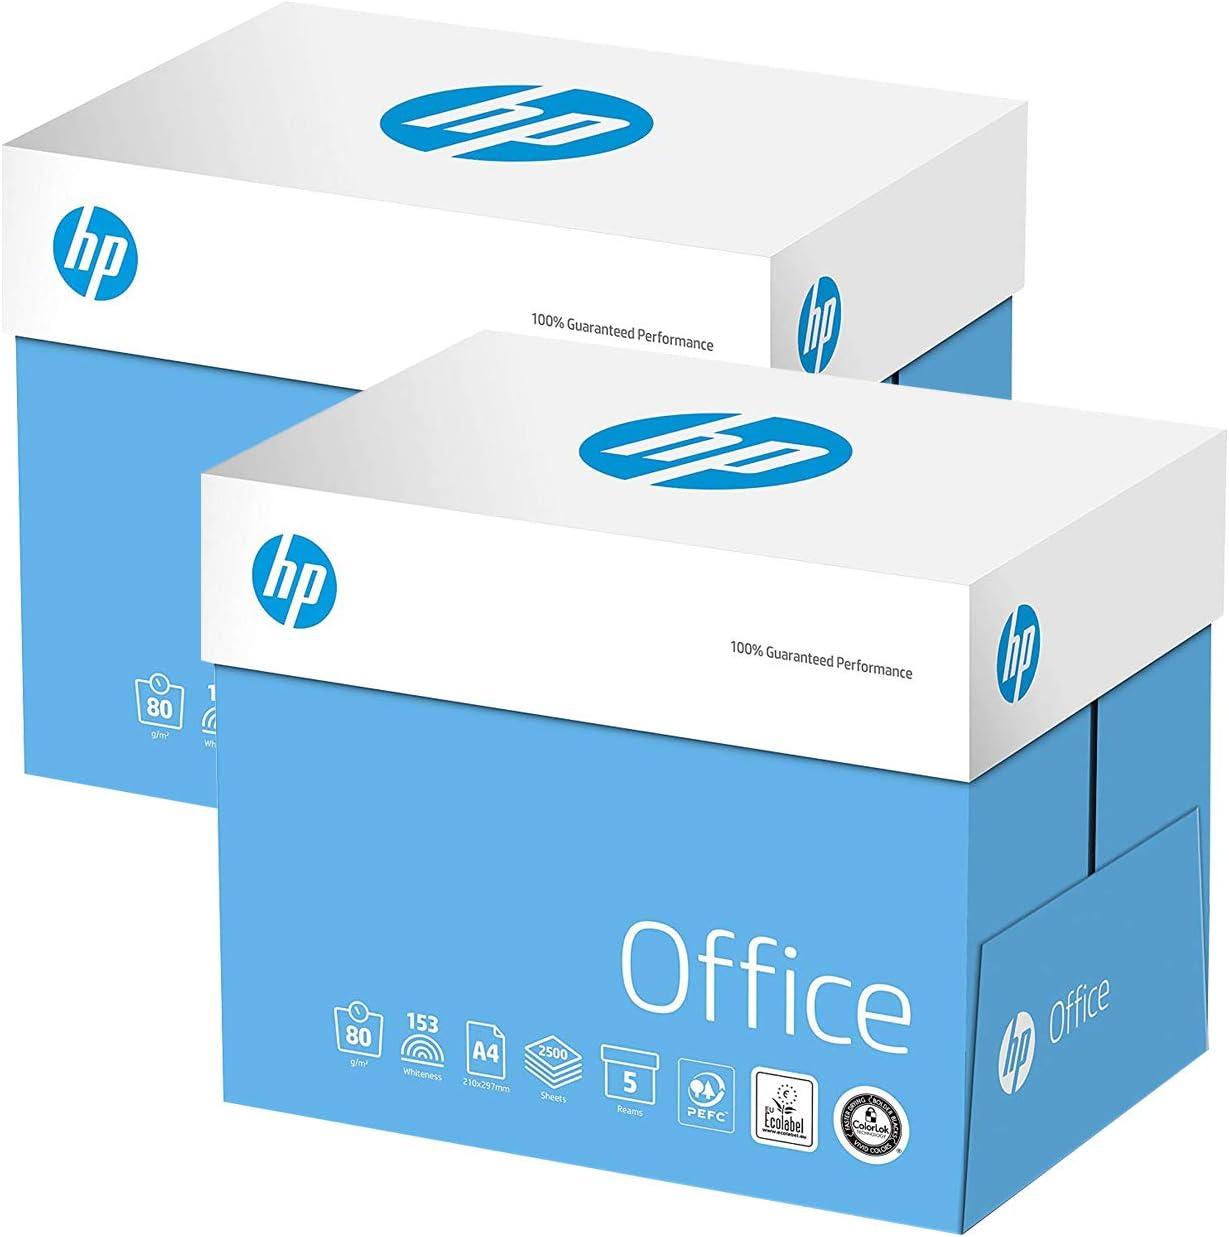 Papel para fotocopiadora HP de 80 g/m², A4, color blanco, 10 x 500 ...